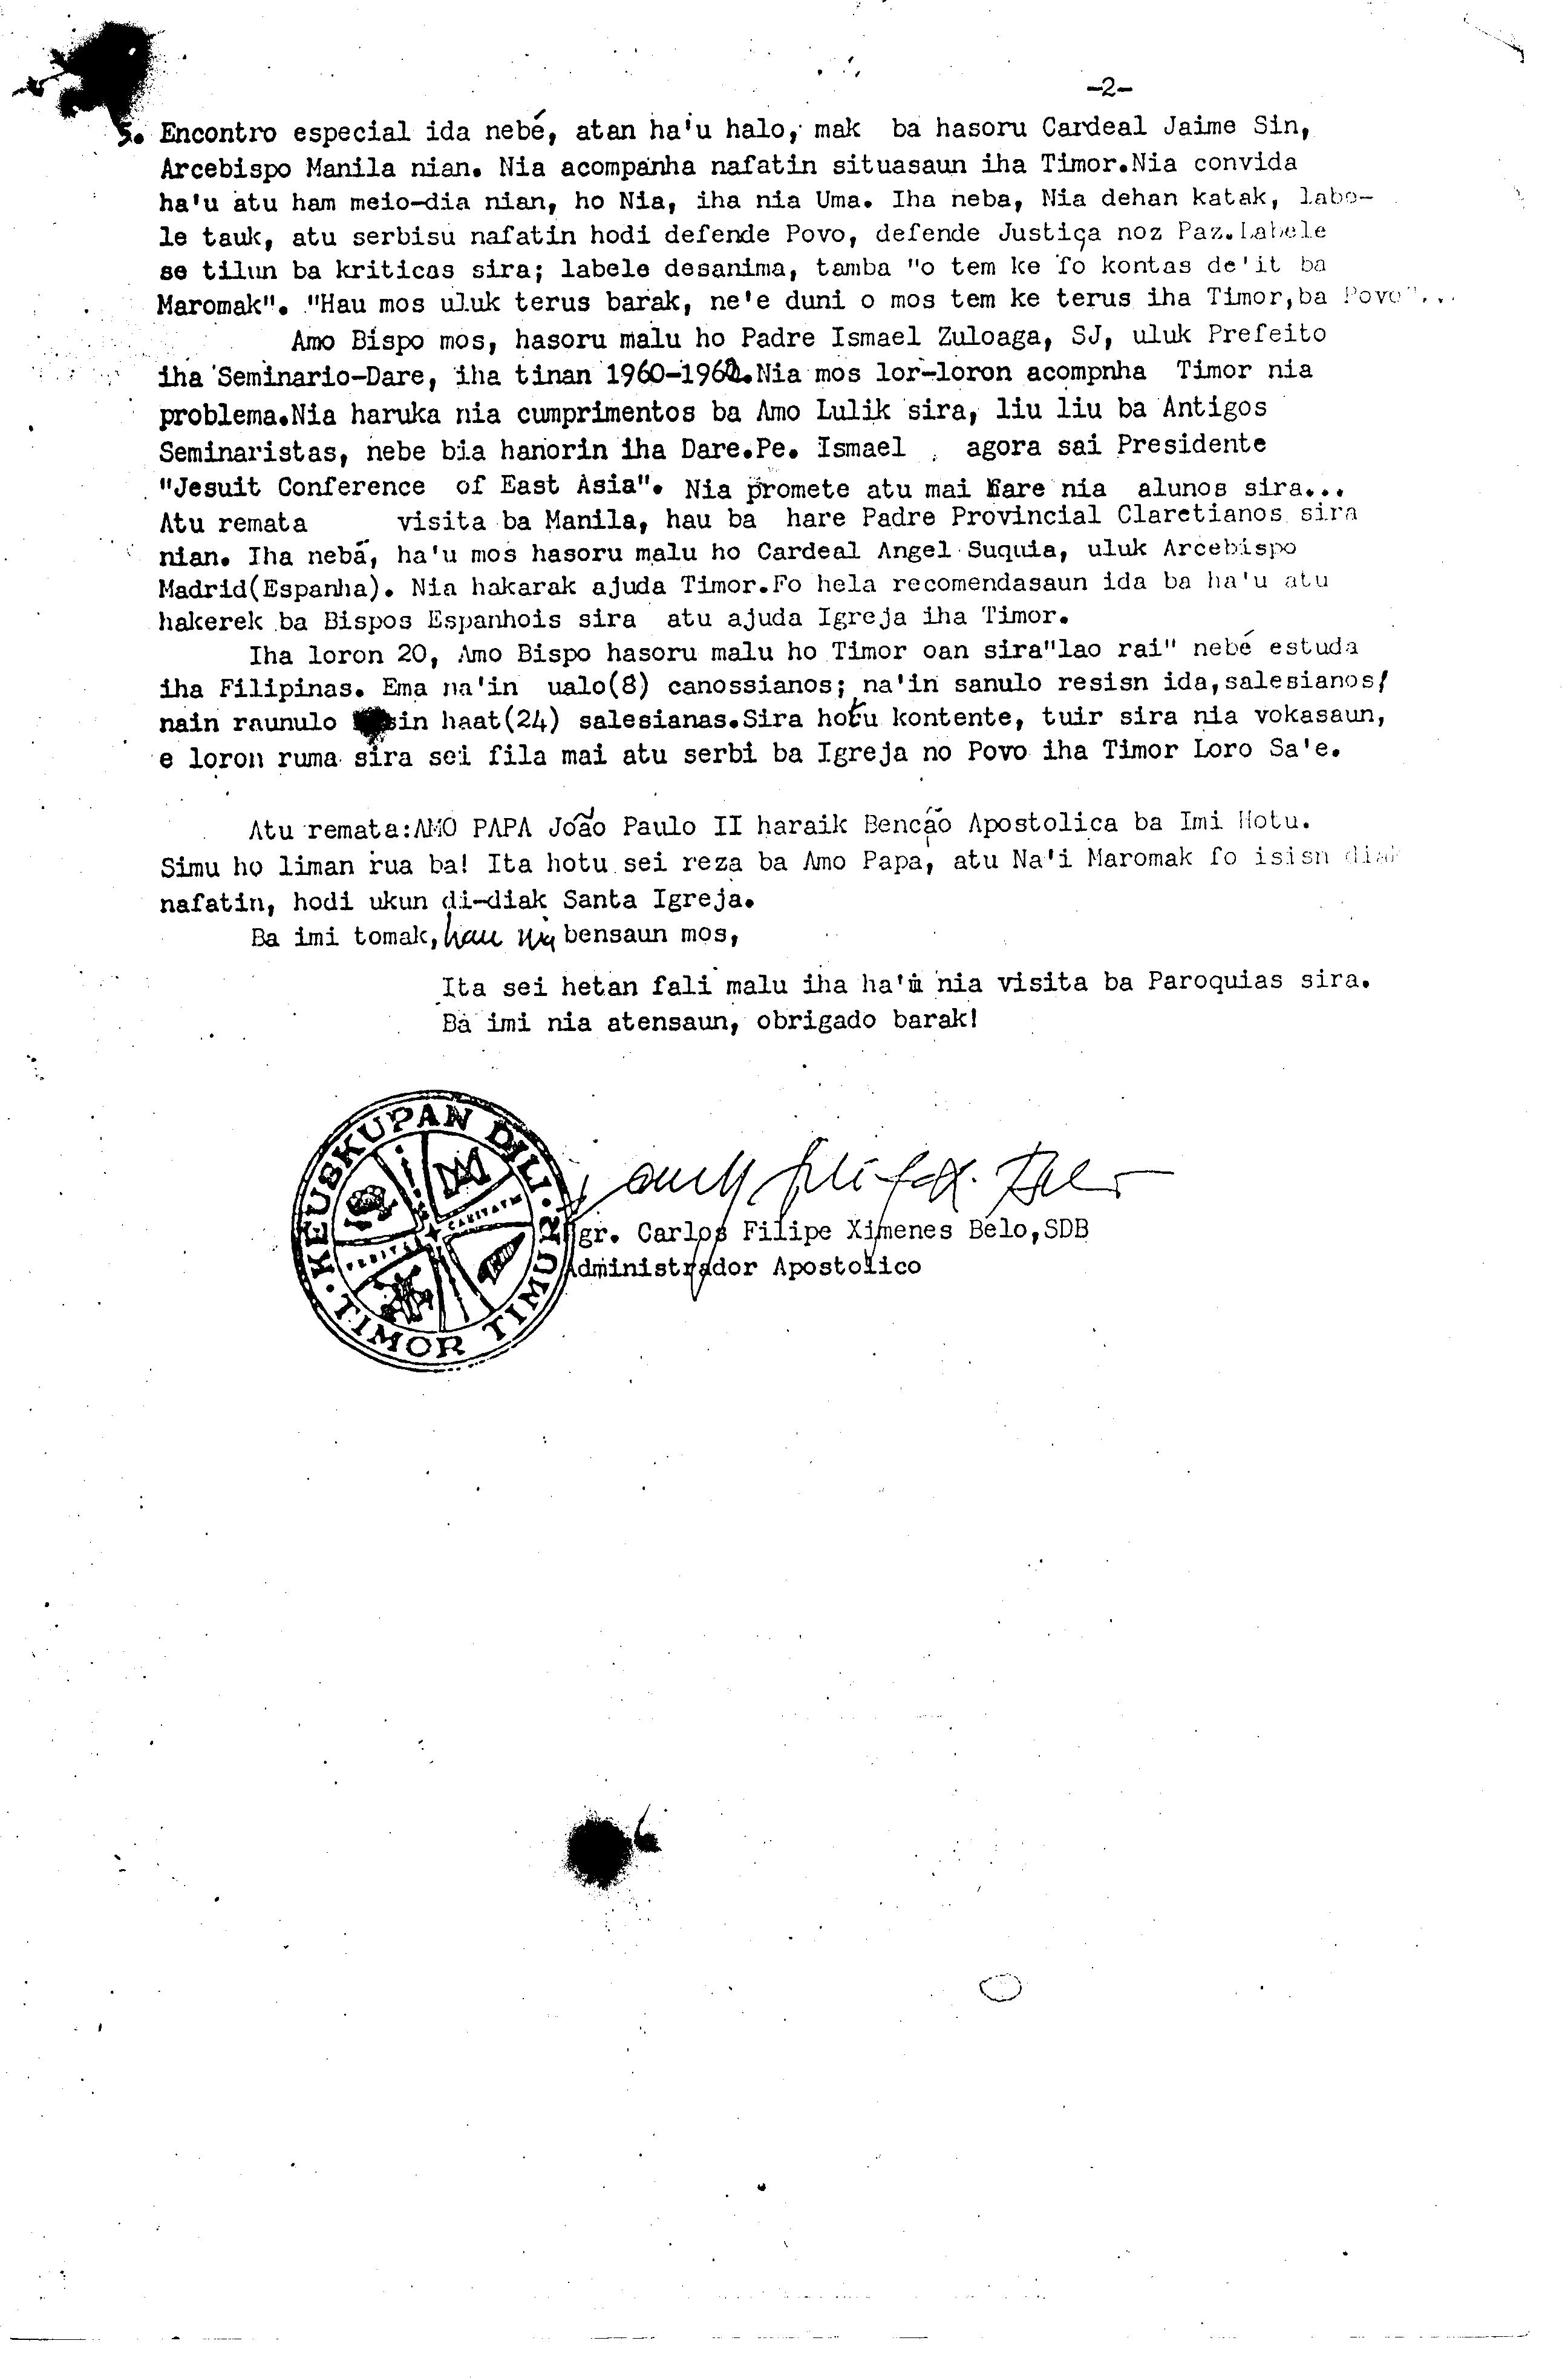 07163.057- pag.2